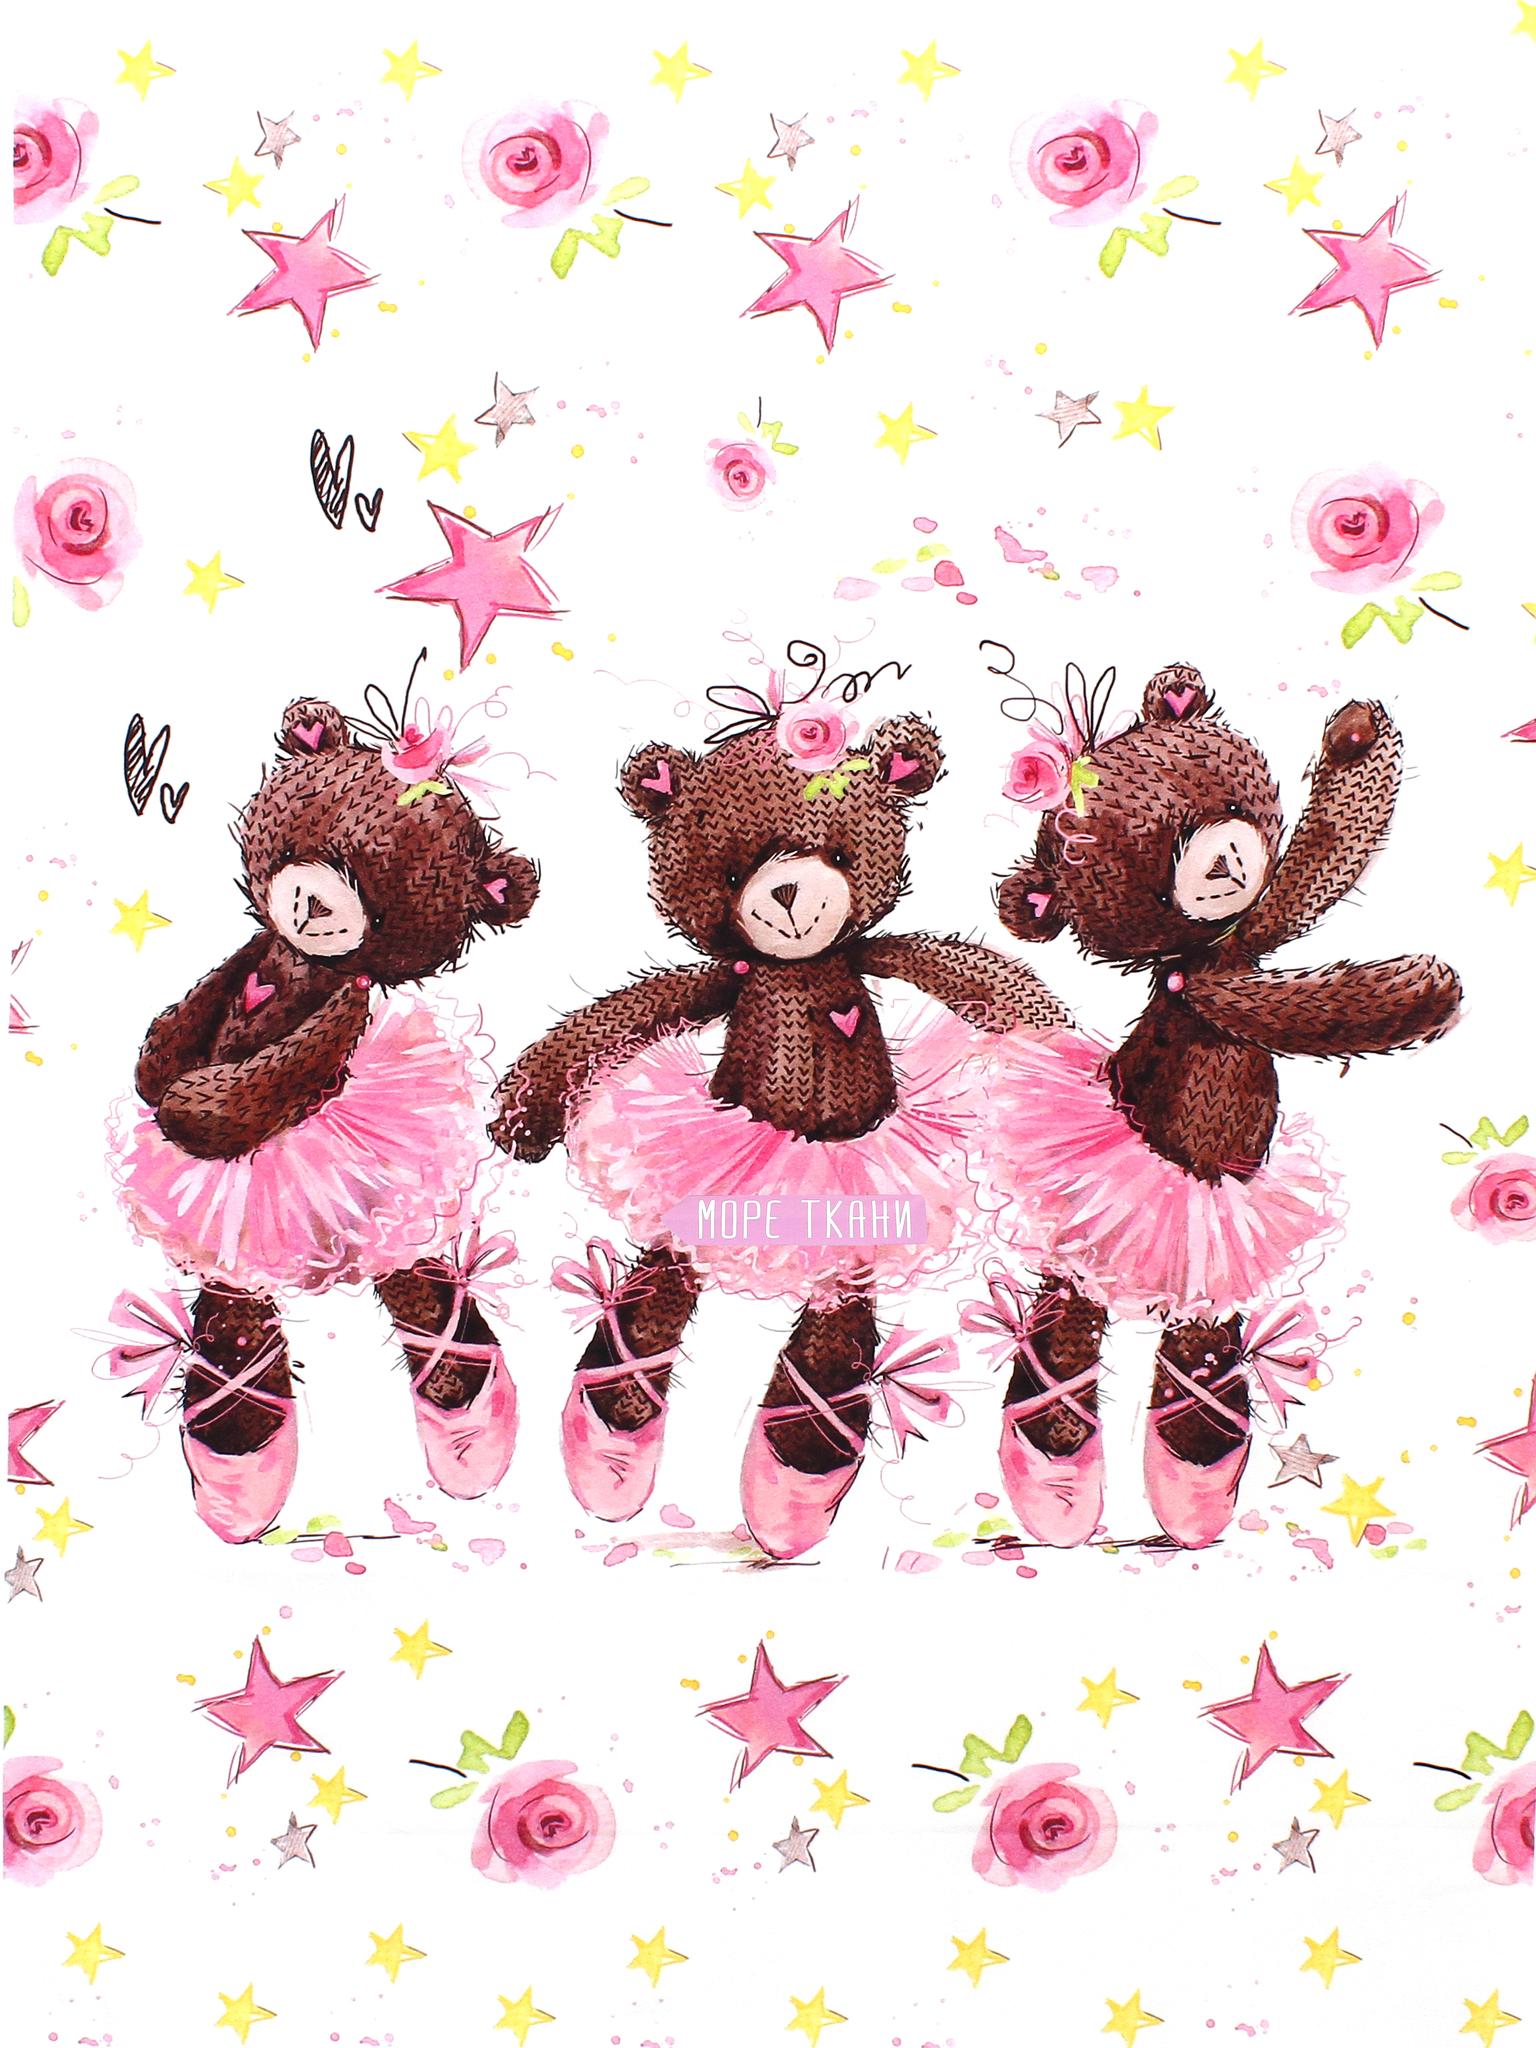 Панель(купон) три мишки-балерины,роз. фон-75*100 см.